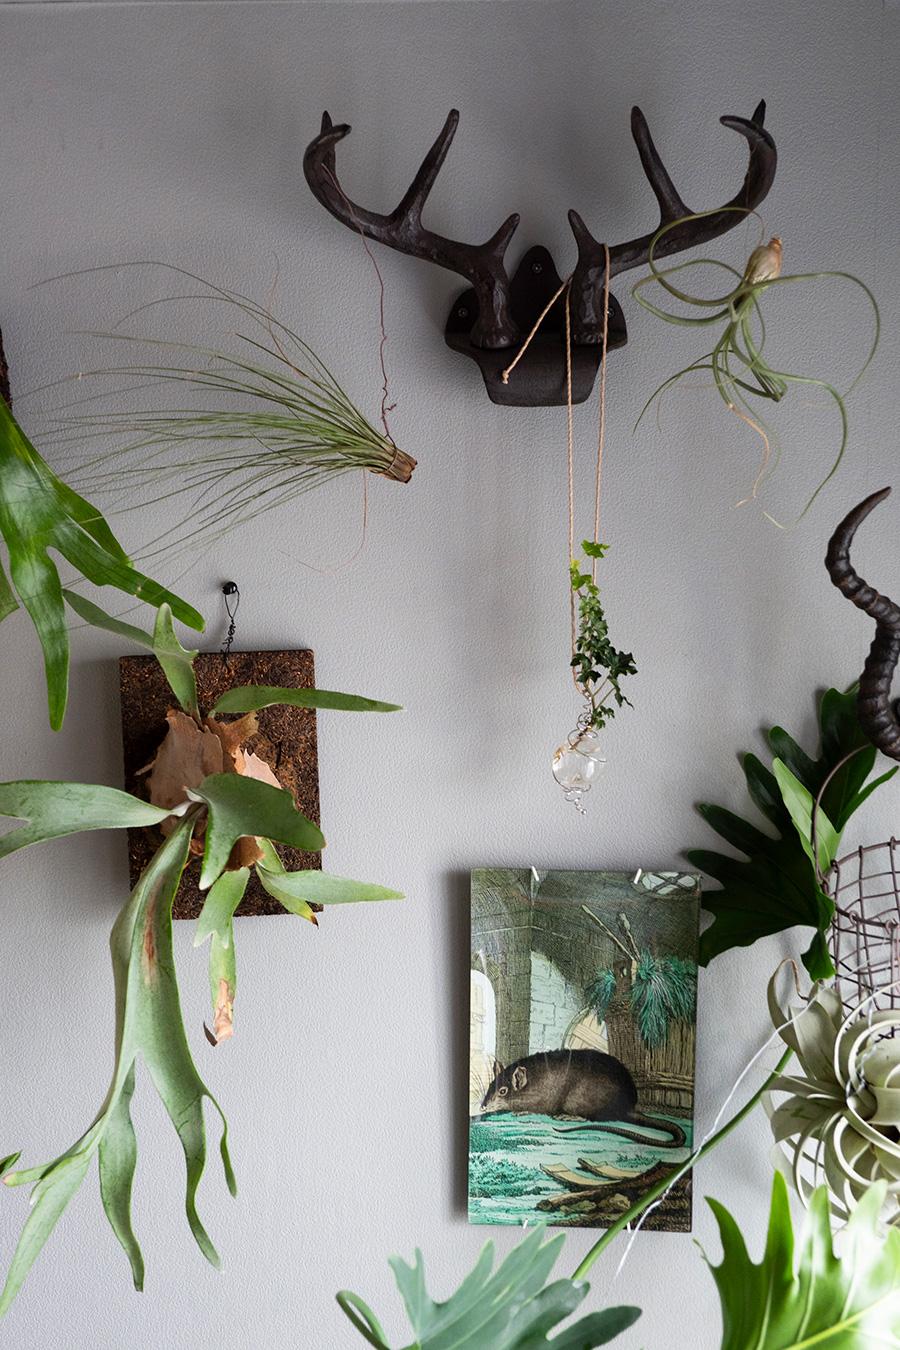 コウモリランなどが美しいグリーンの壁。STEFANO POLETTIの植物を活けられるペンダントや、JOHN DERIANのデコパージュをアレンジしている。